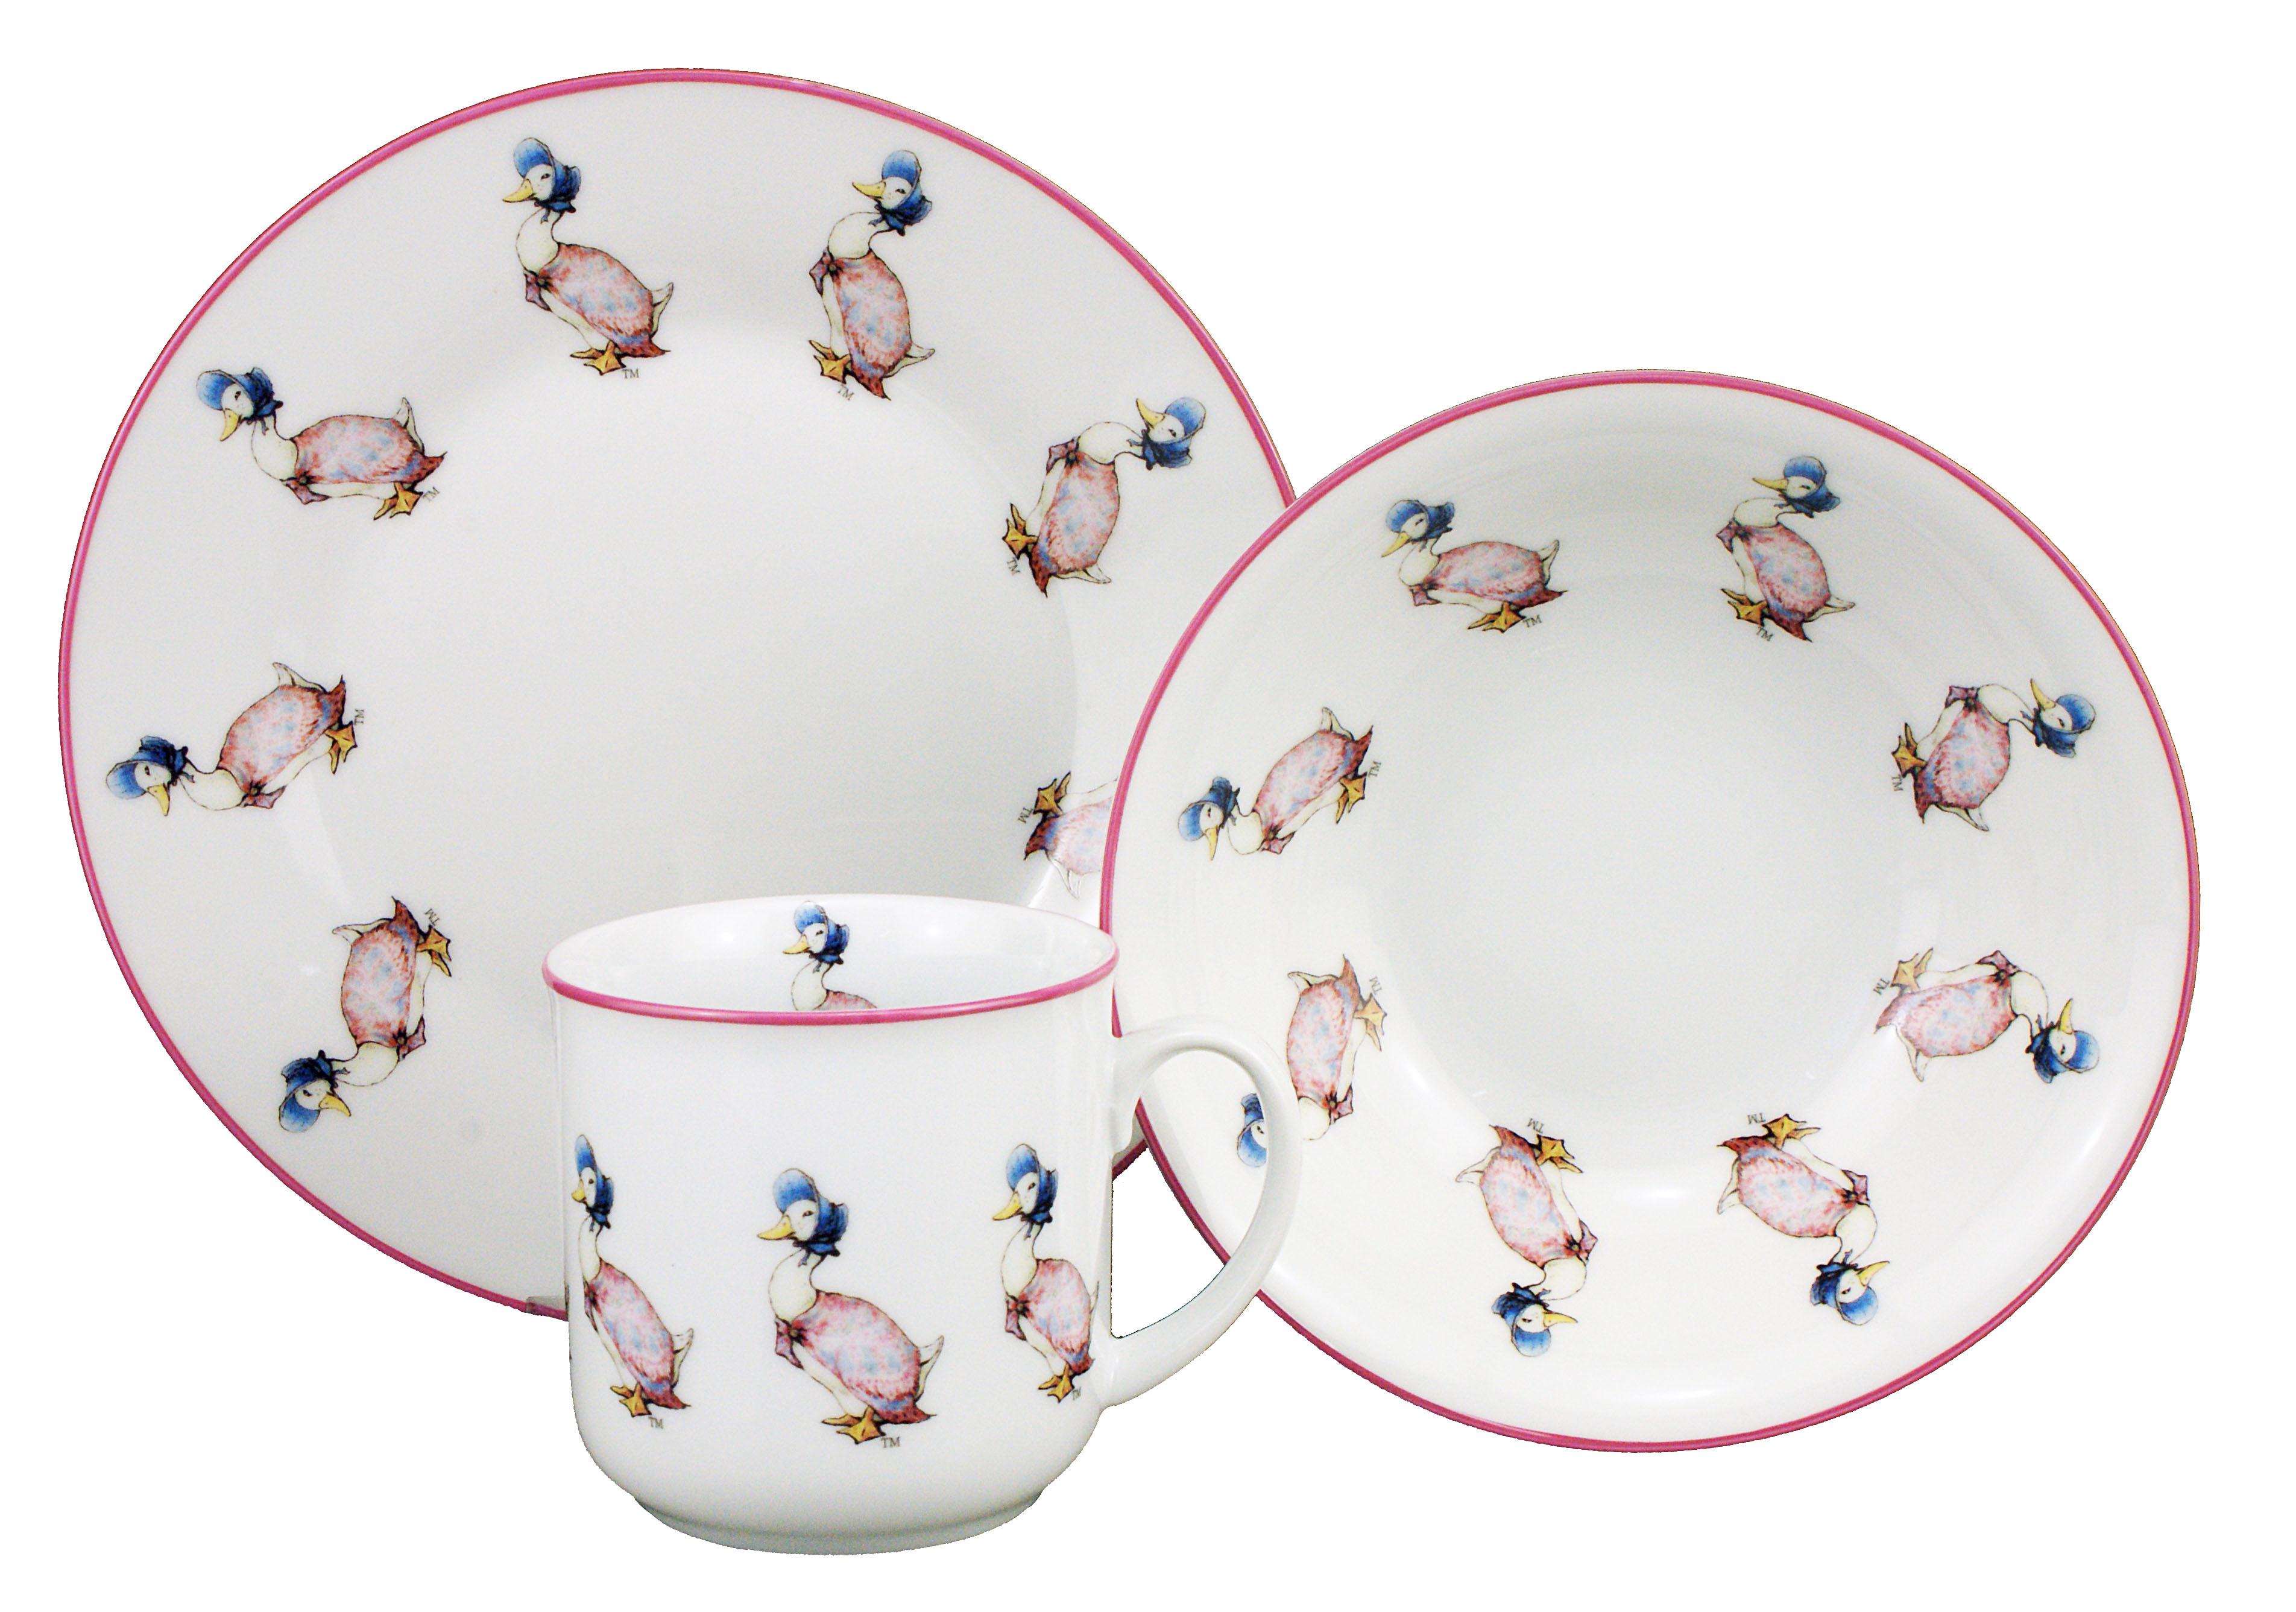 jemima puddleduck 3pc porzellan geschirrset set becher schale platte reutter ebay. Black Bedroom Furniture Sets. Home Design Ideas